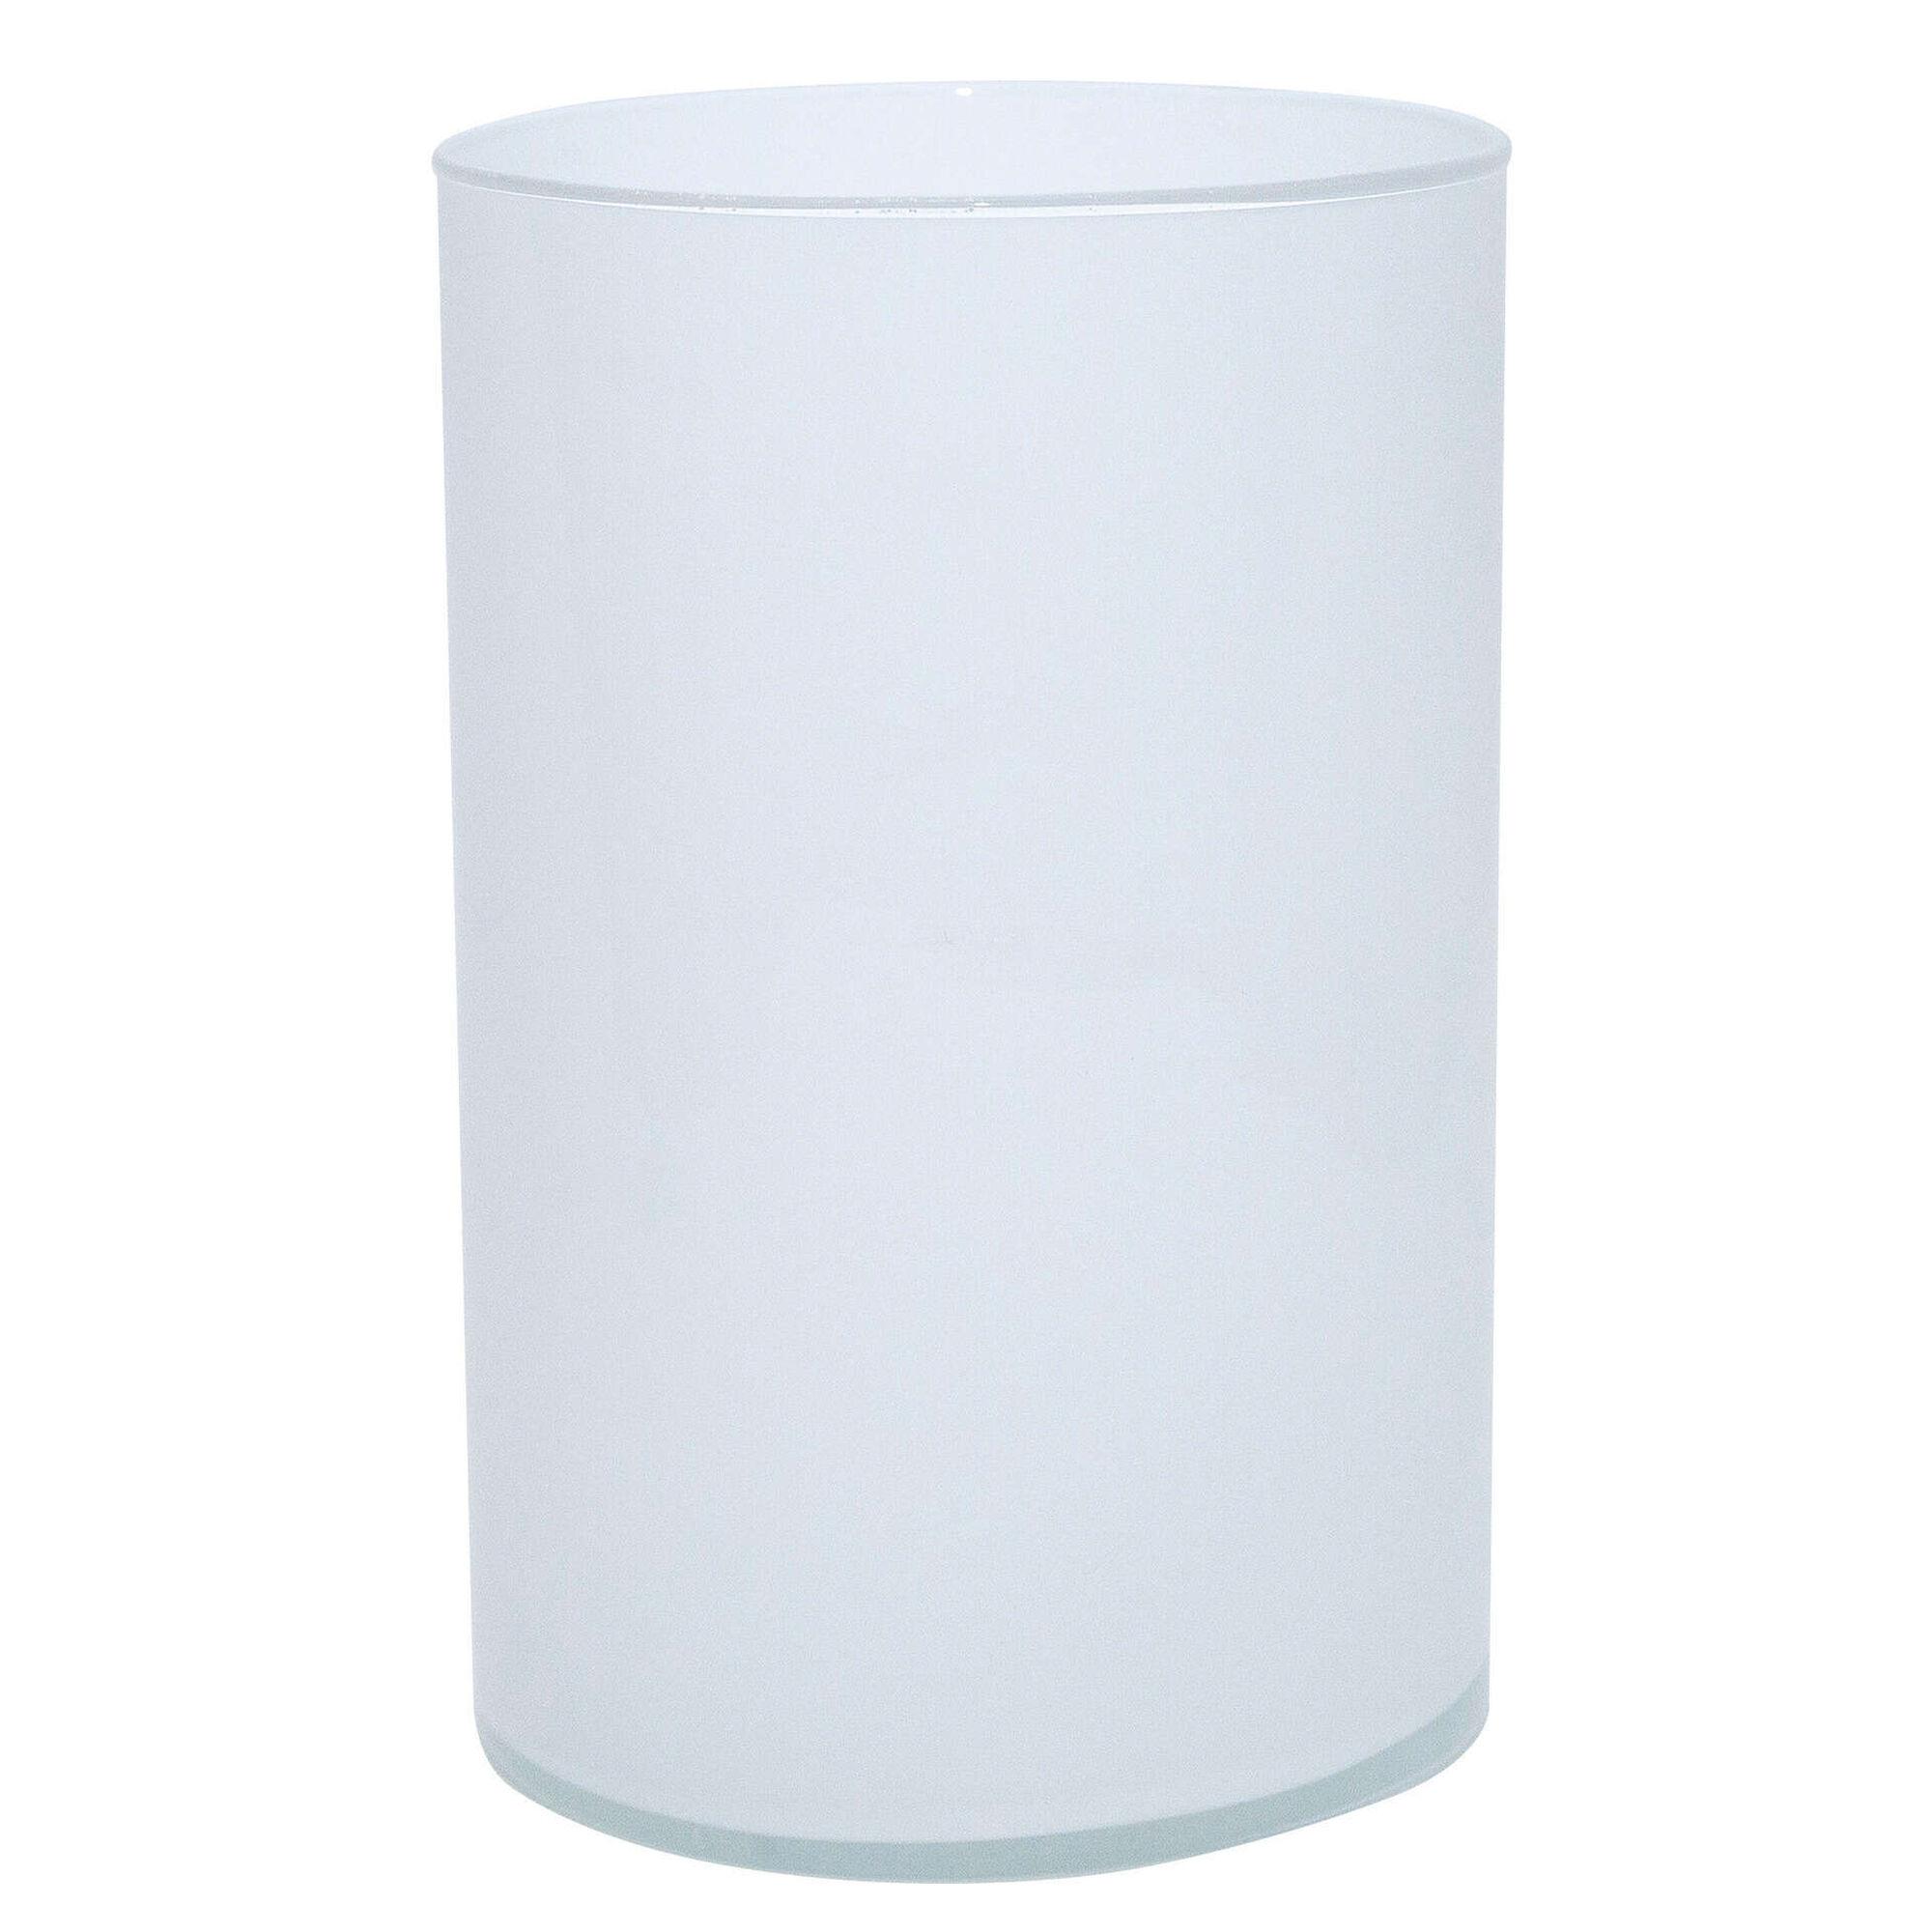 Vaso Redondo Vidro 27cm Branco